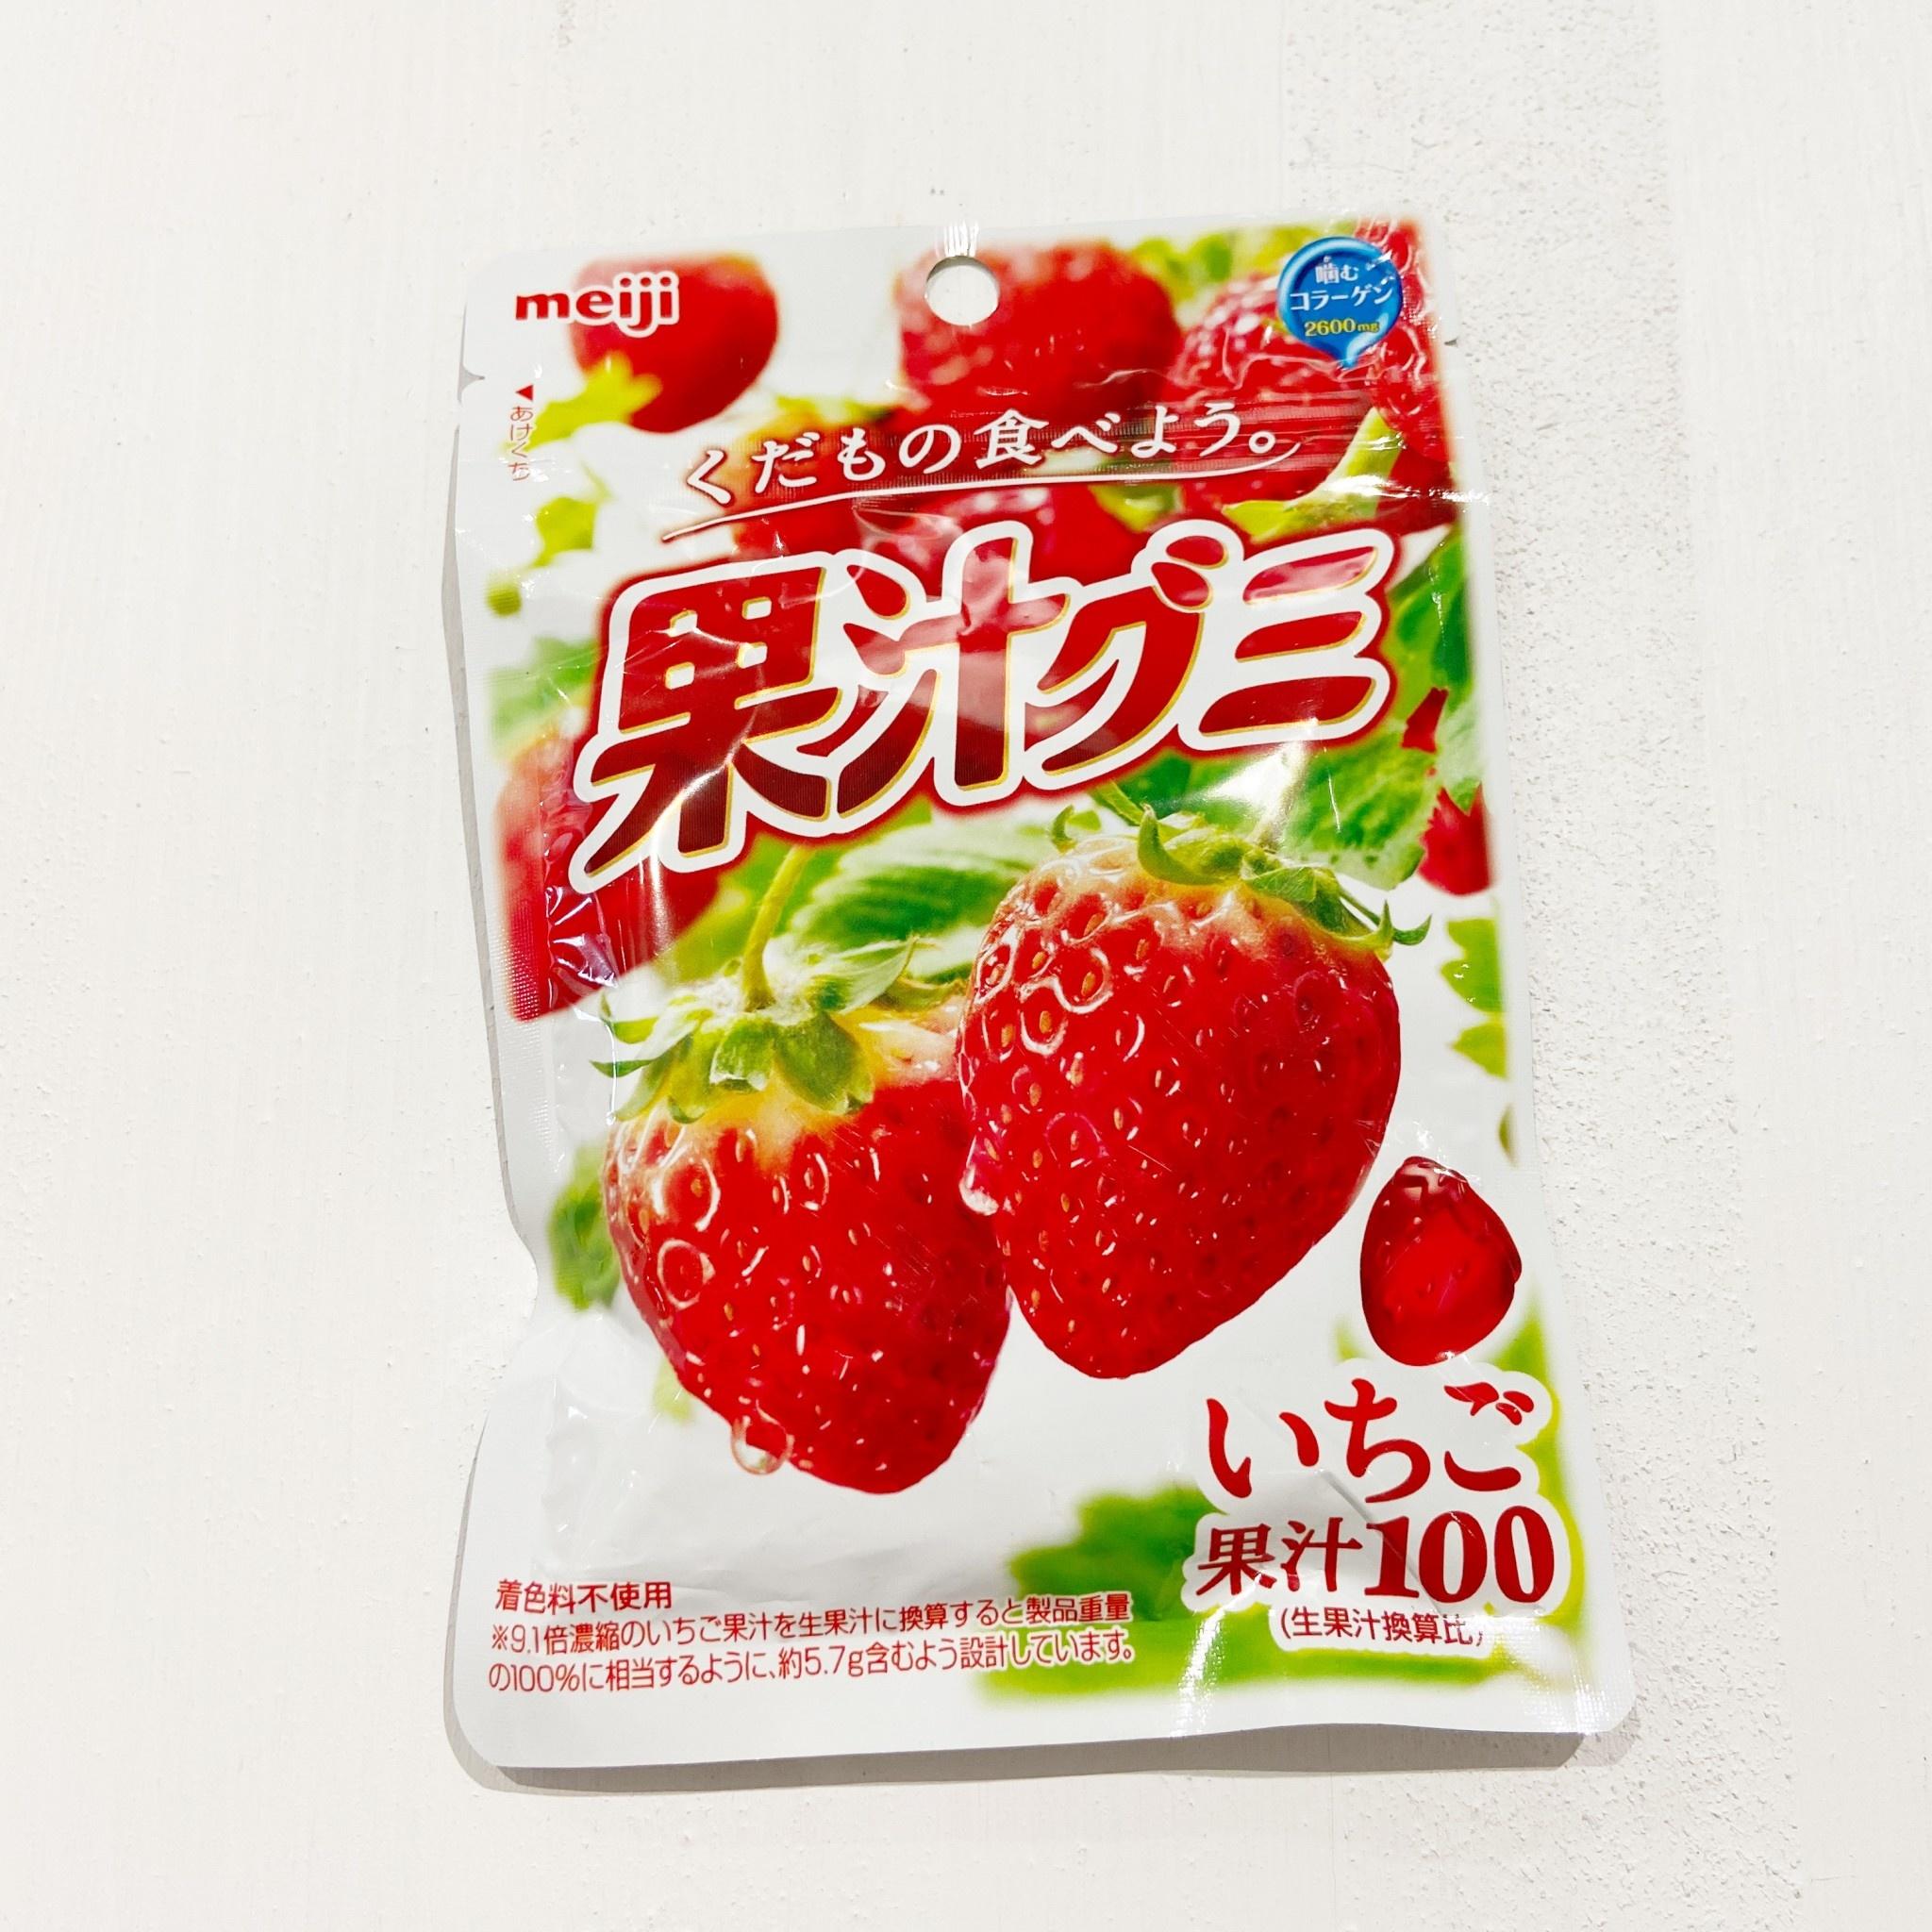 MEIJI Collagen Fruit Gummy- Strawberry